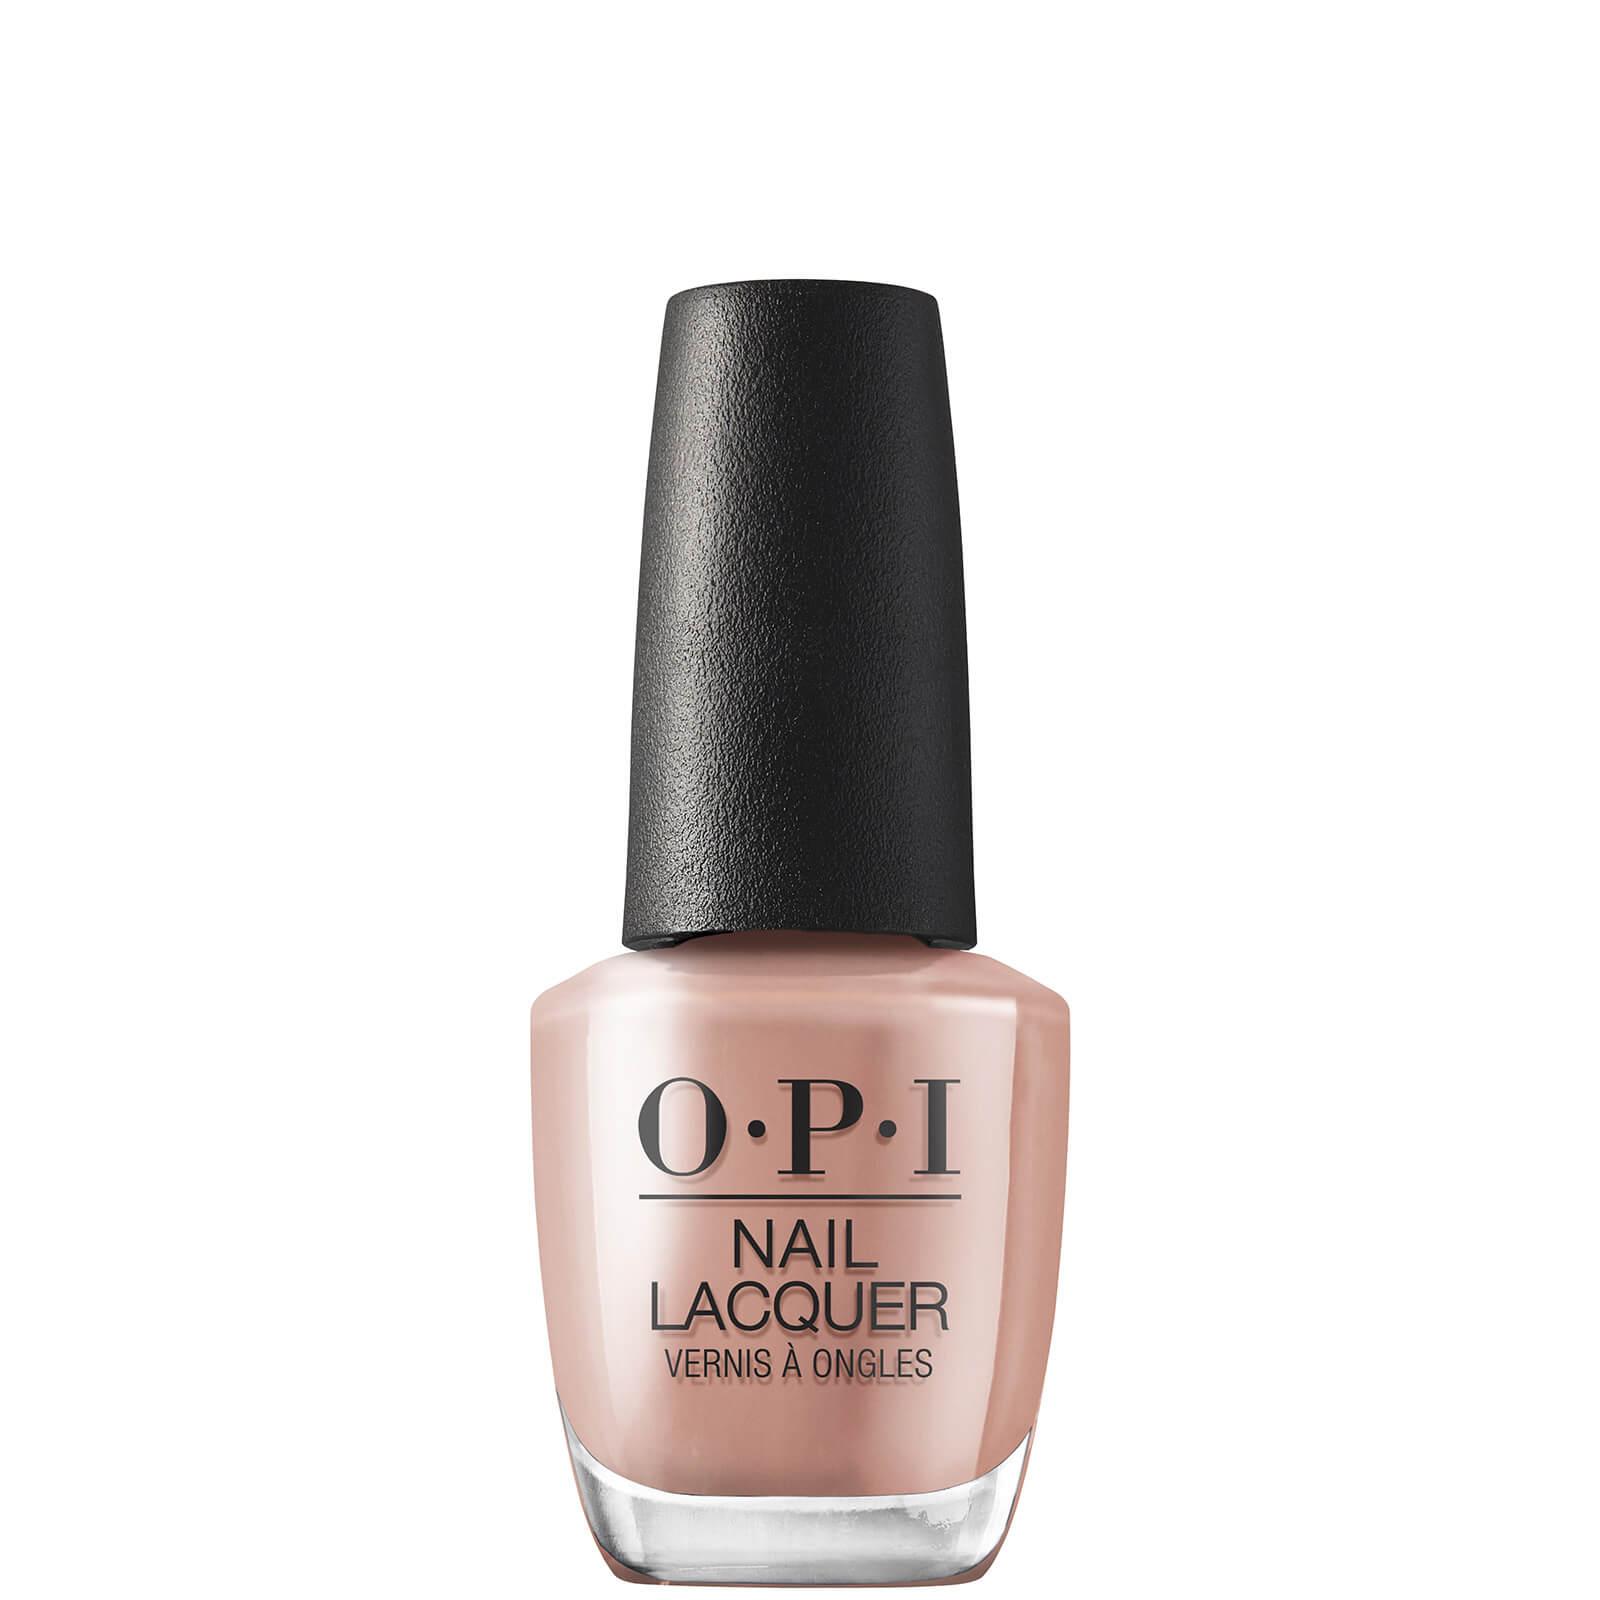 Купить OPI Nail Polish Malibu Collection 15ml (Various Shades) - El Mat-adoring You